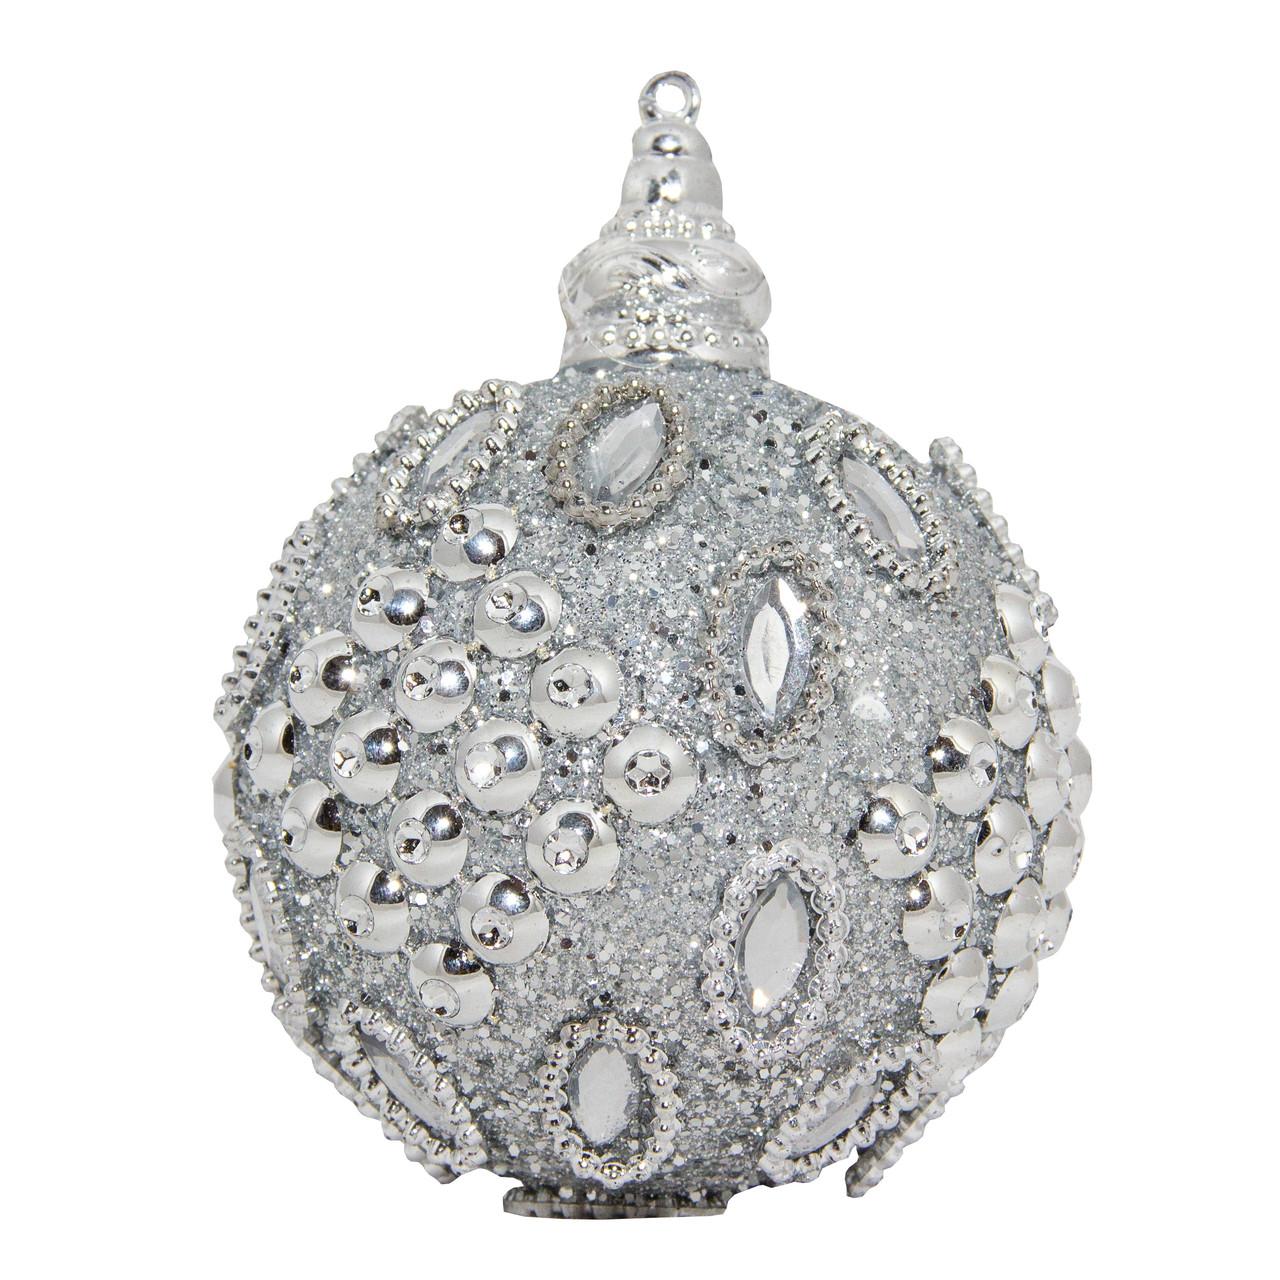 Ялинкова іграшка - куля, D 8,5 см, сріблястий, пінопласт, пластик (661428-3)